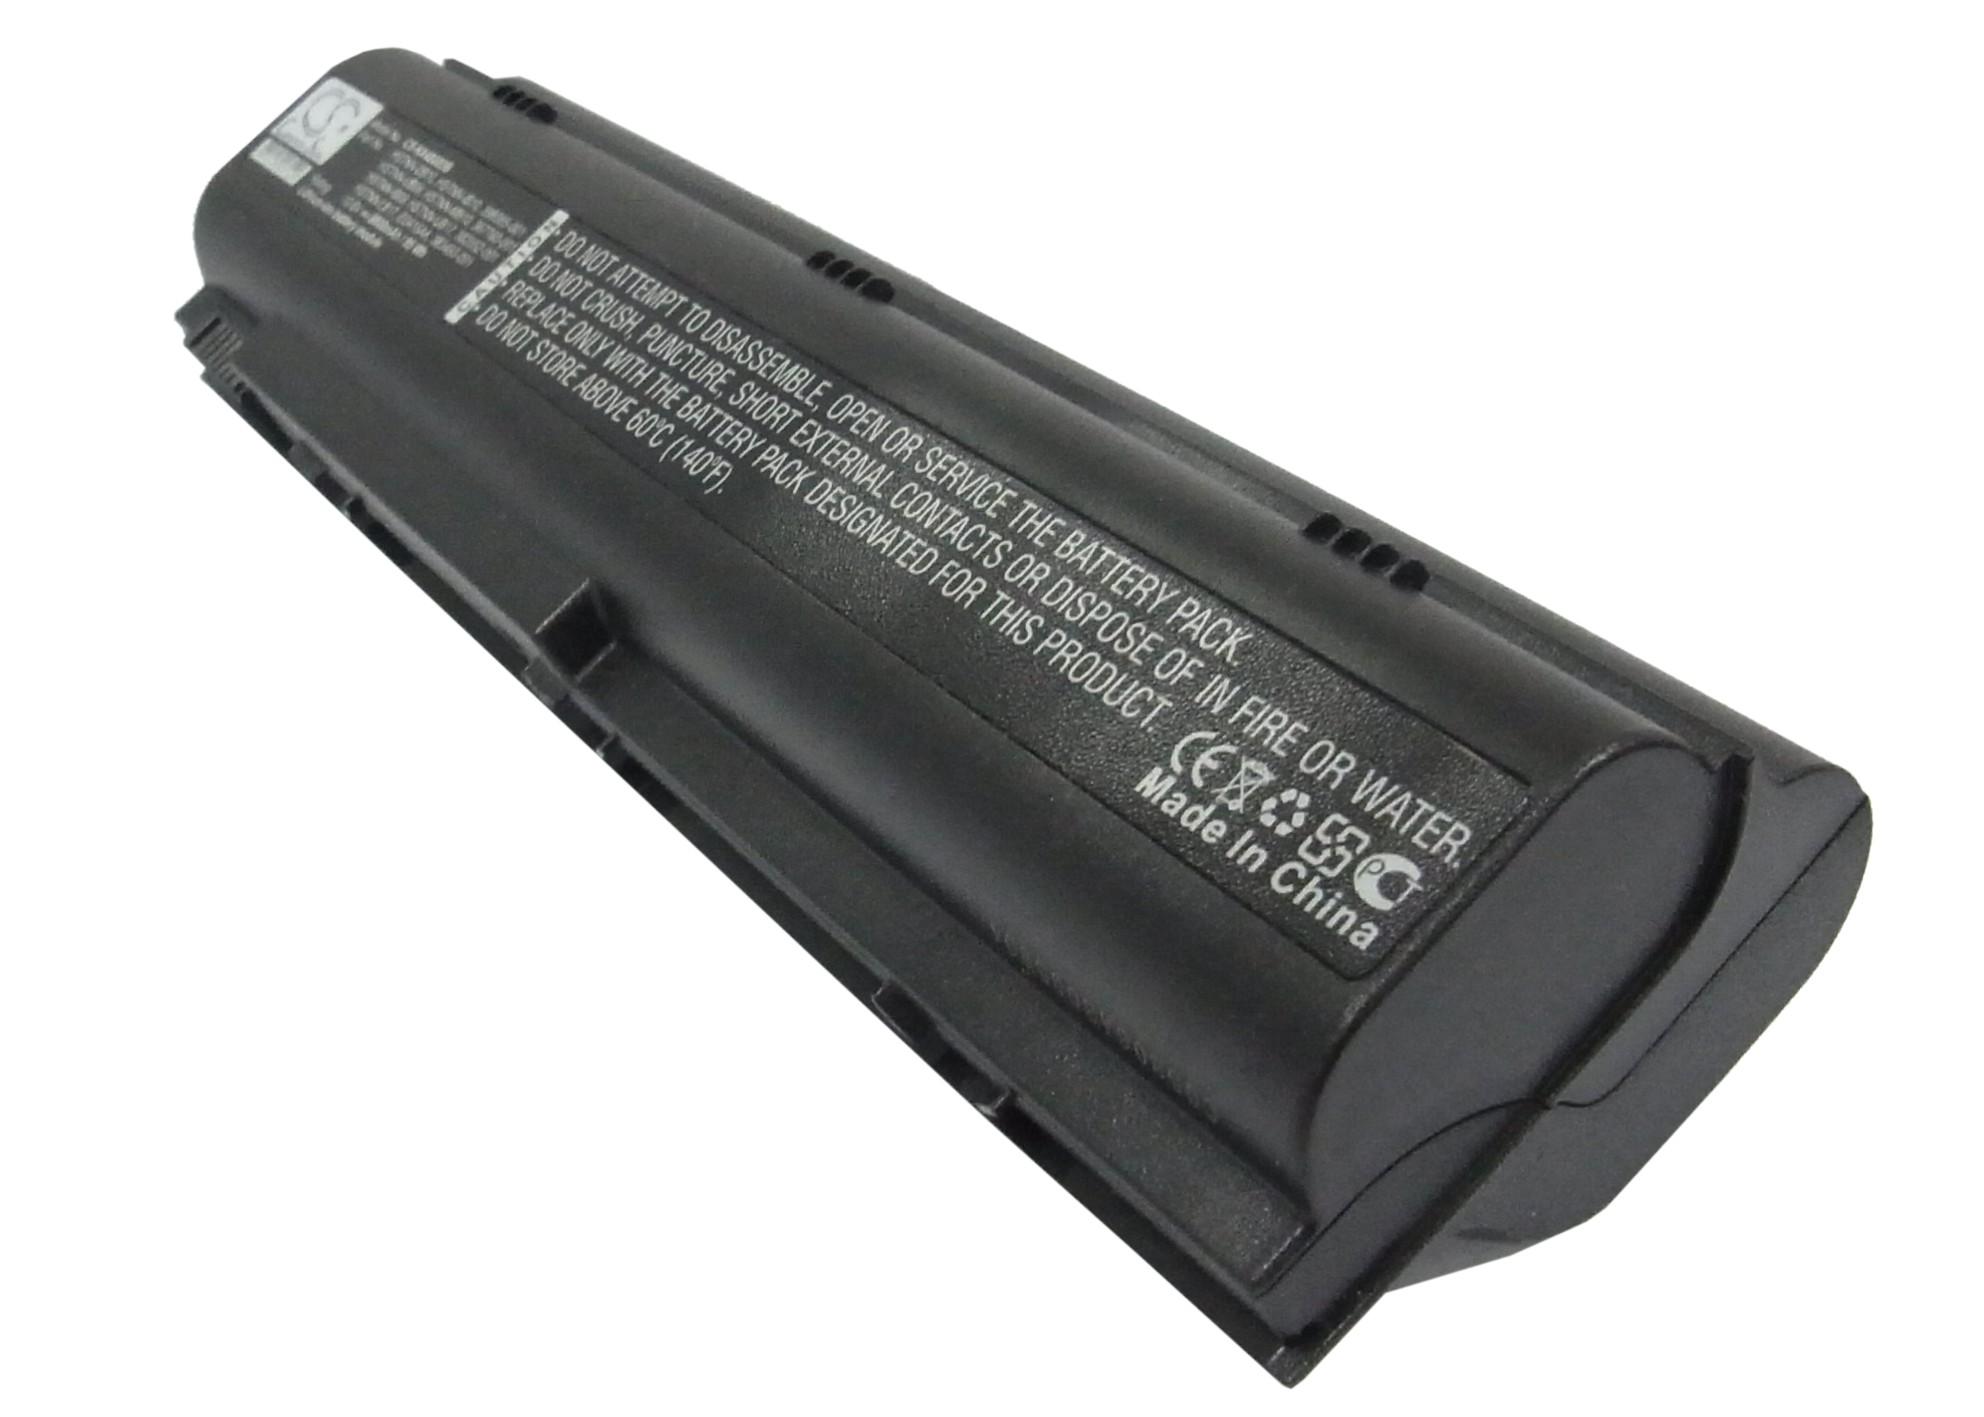 Cameron Sino baterie do notebooků pro HP Pavilion dv4000-PR496AV 10.8V Li-ion 8800mAh černá - neoriginální